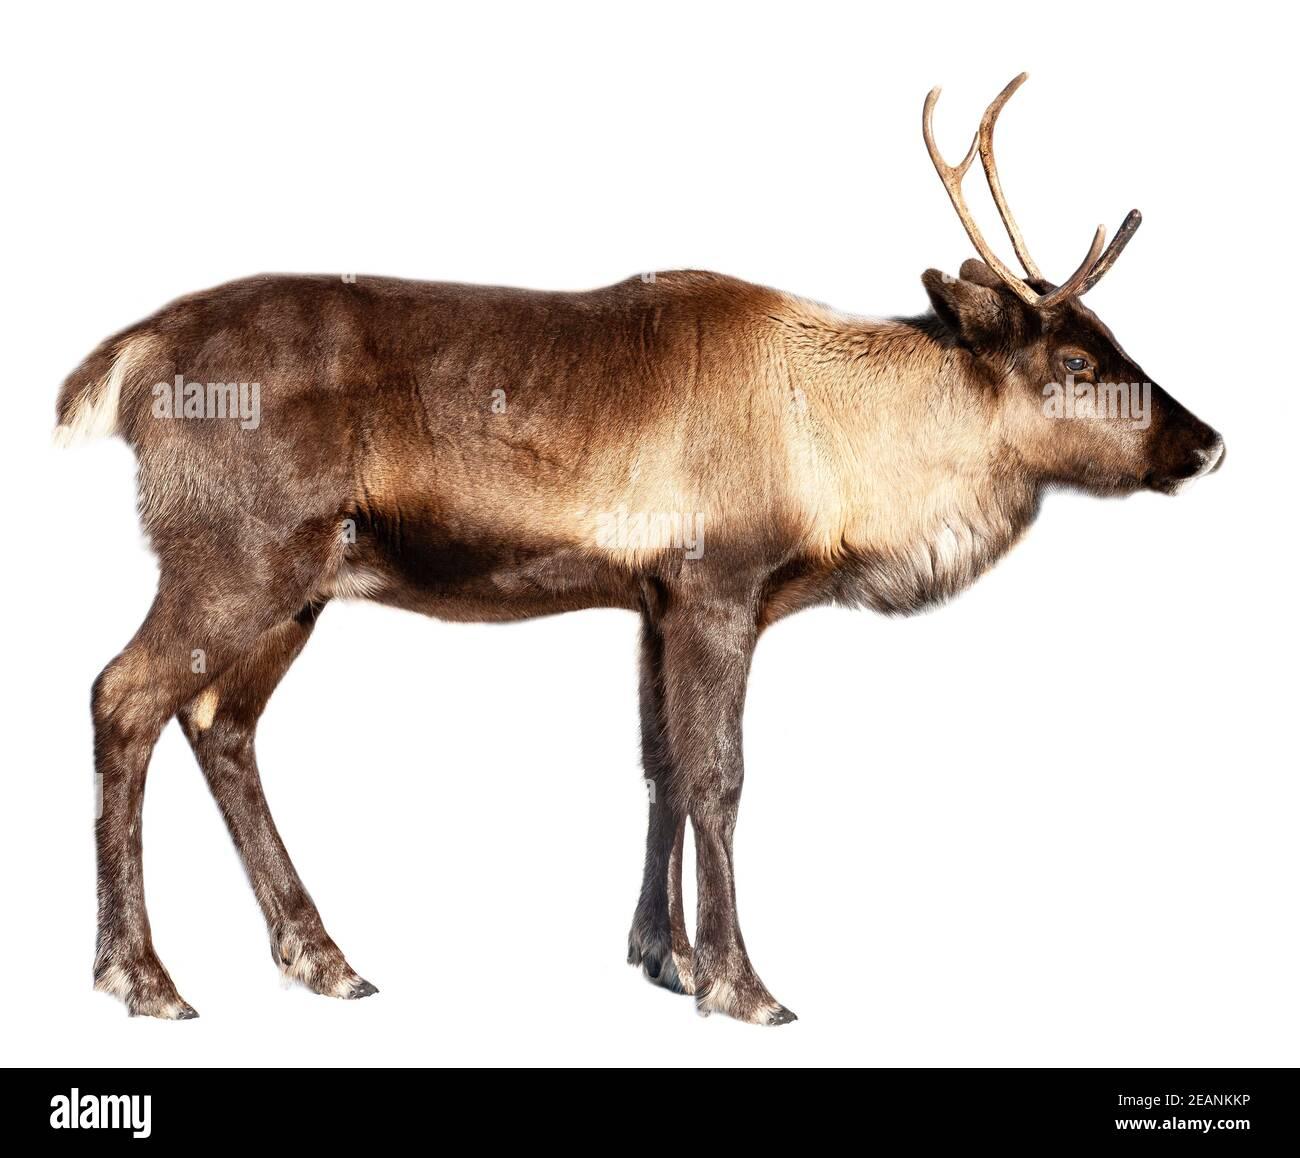 L'image d'un cerf du Nord sur fond blanc Banque D'Images